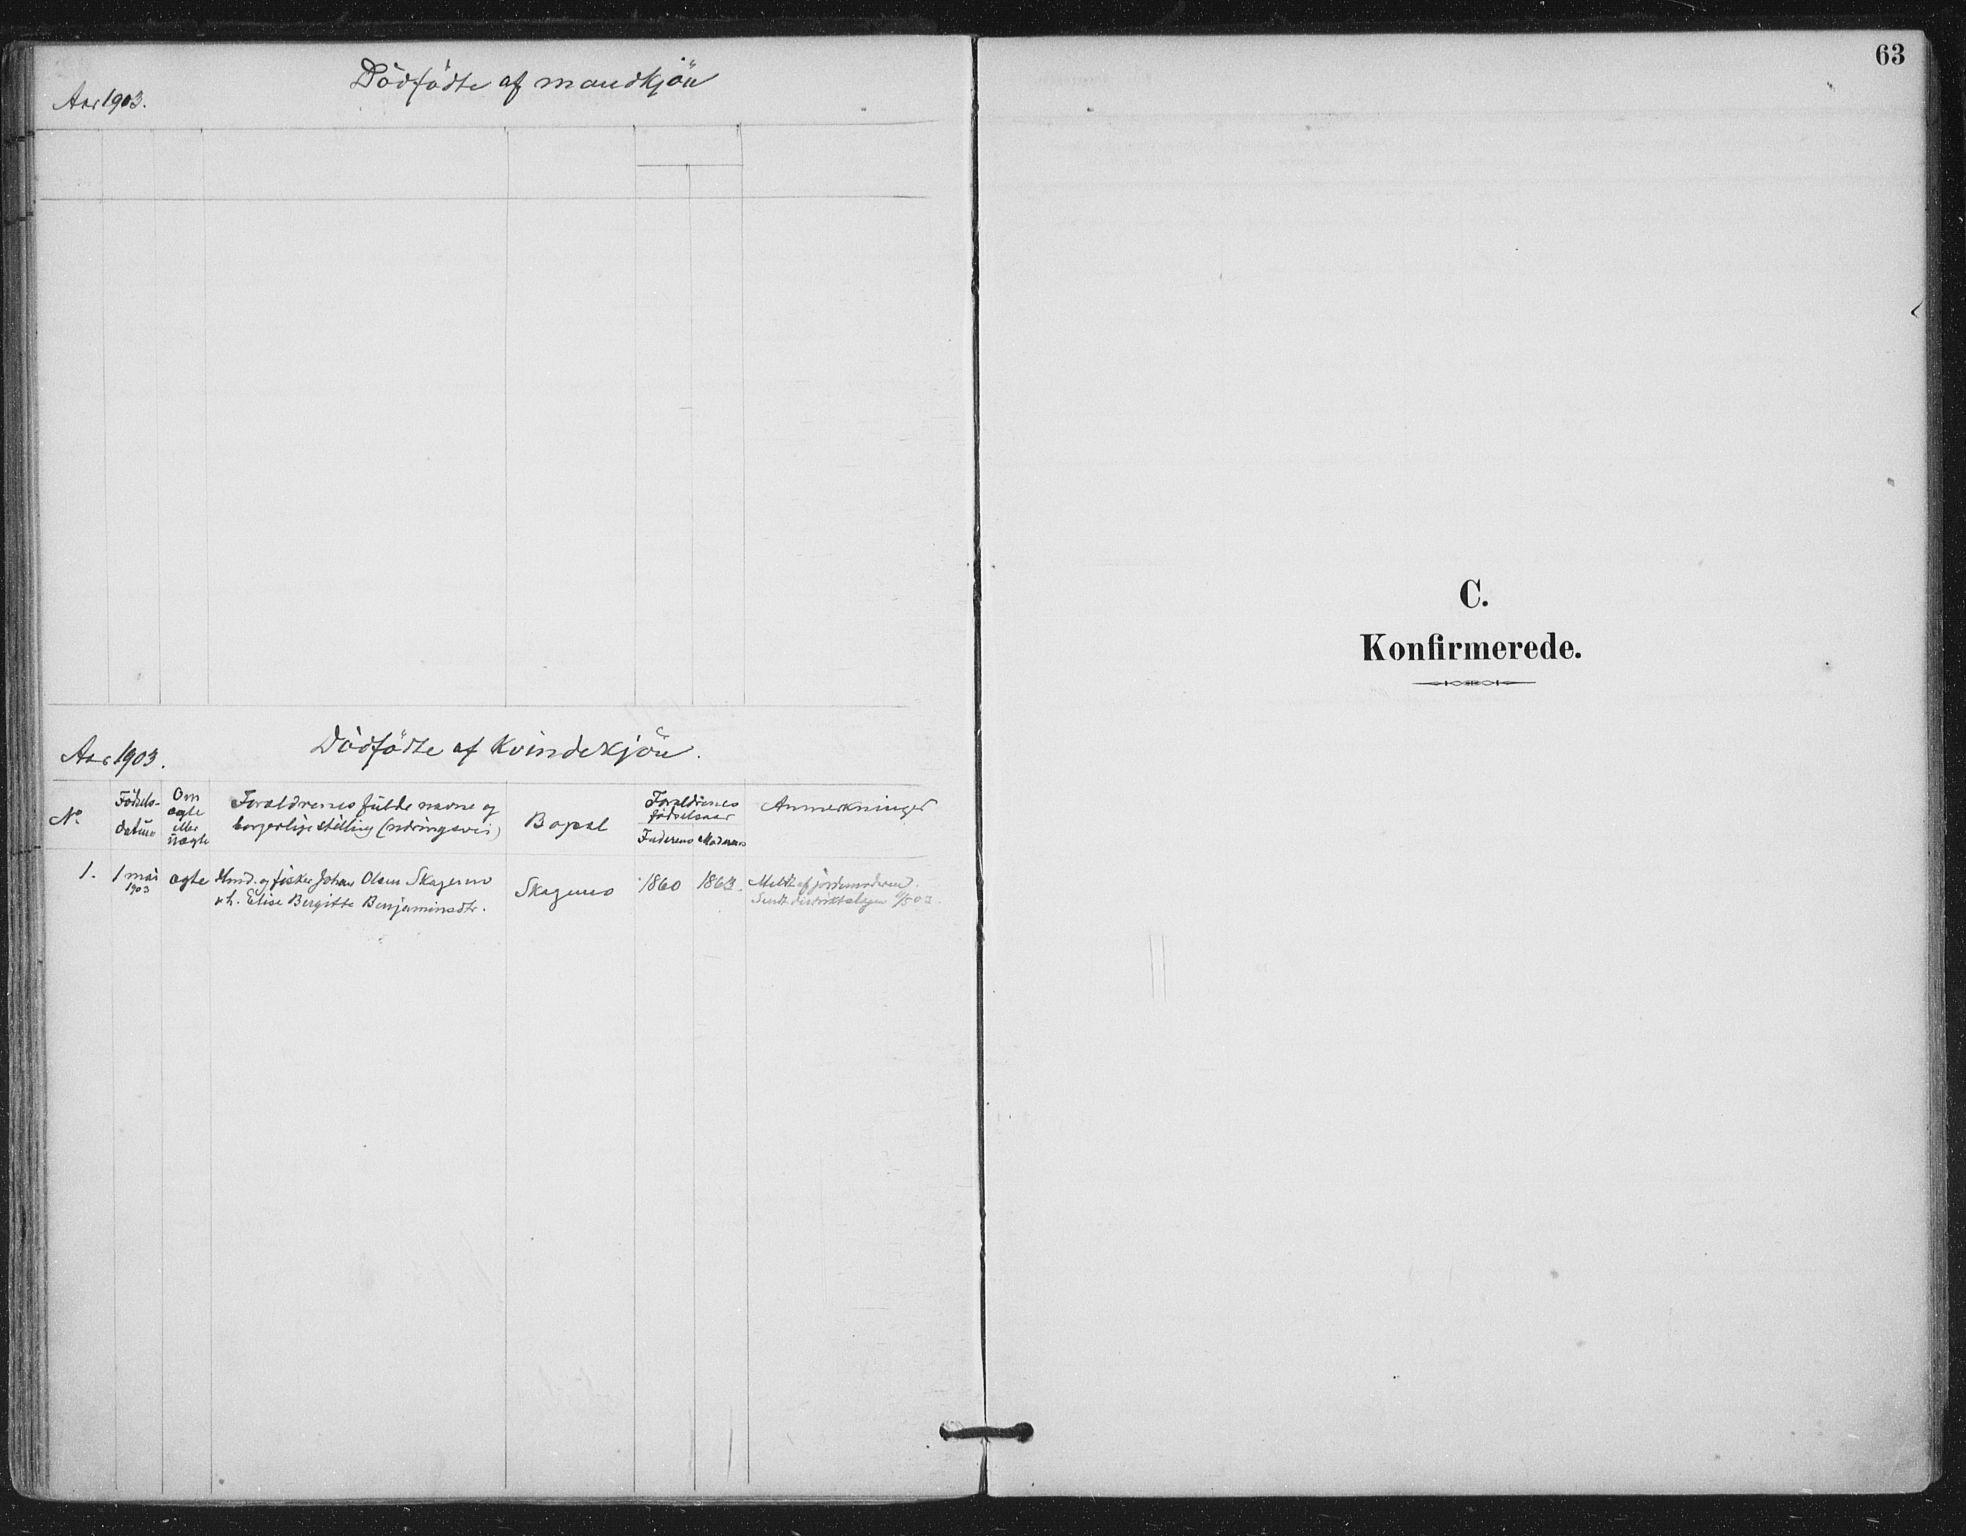 SAT, Ministerialprotokoller, klokkerbøker og fødselsregistre - Nord-Trøndelag, 780/L0644: Ministerialbok nr. 780A08, 1886-1903, s. 63